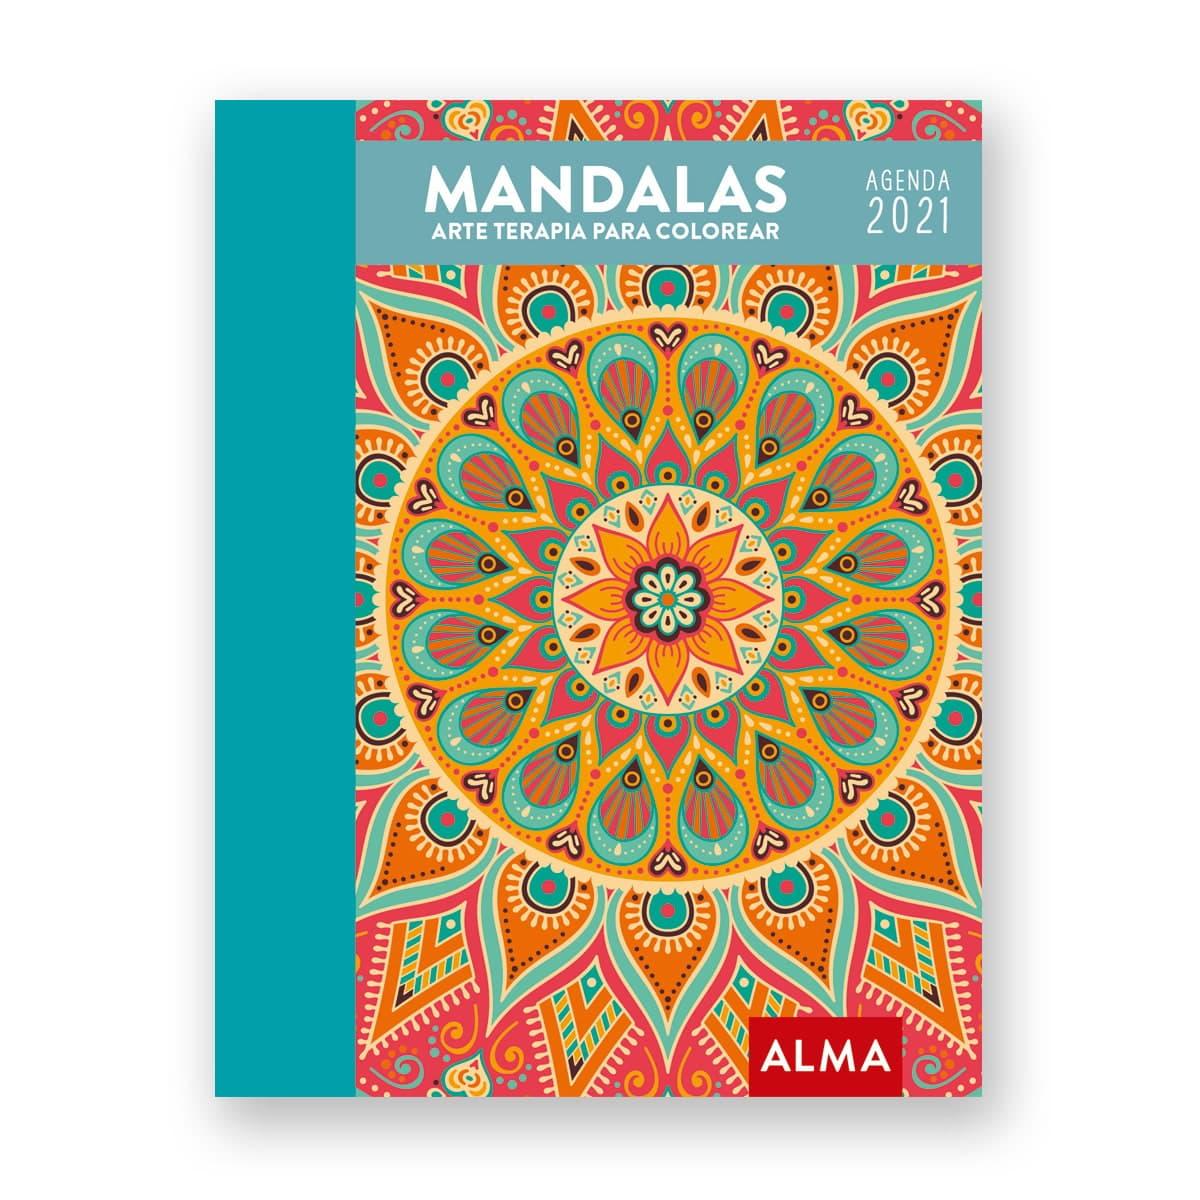 Agenda Mandalas 2021